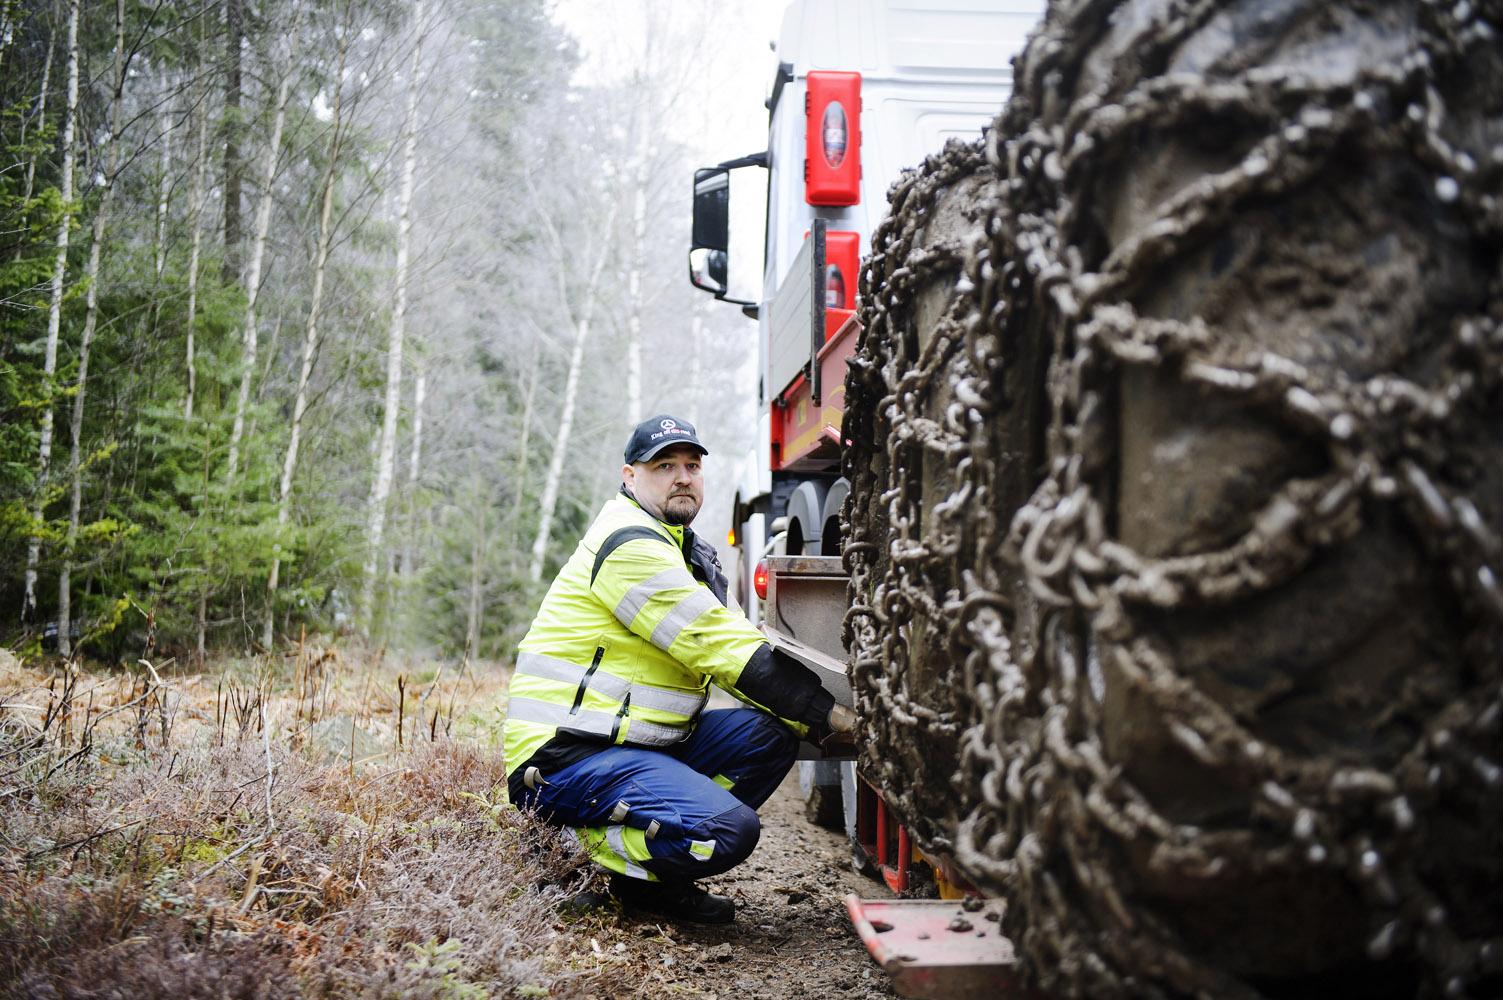 Mercedes Arocs med Hydraulisk Framhjulsdrift ger ökad framkomlighet i Skogen. Foto: Annika af Klercker